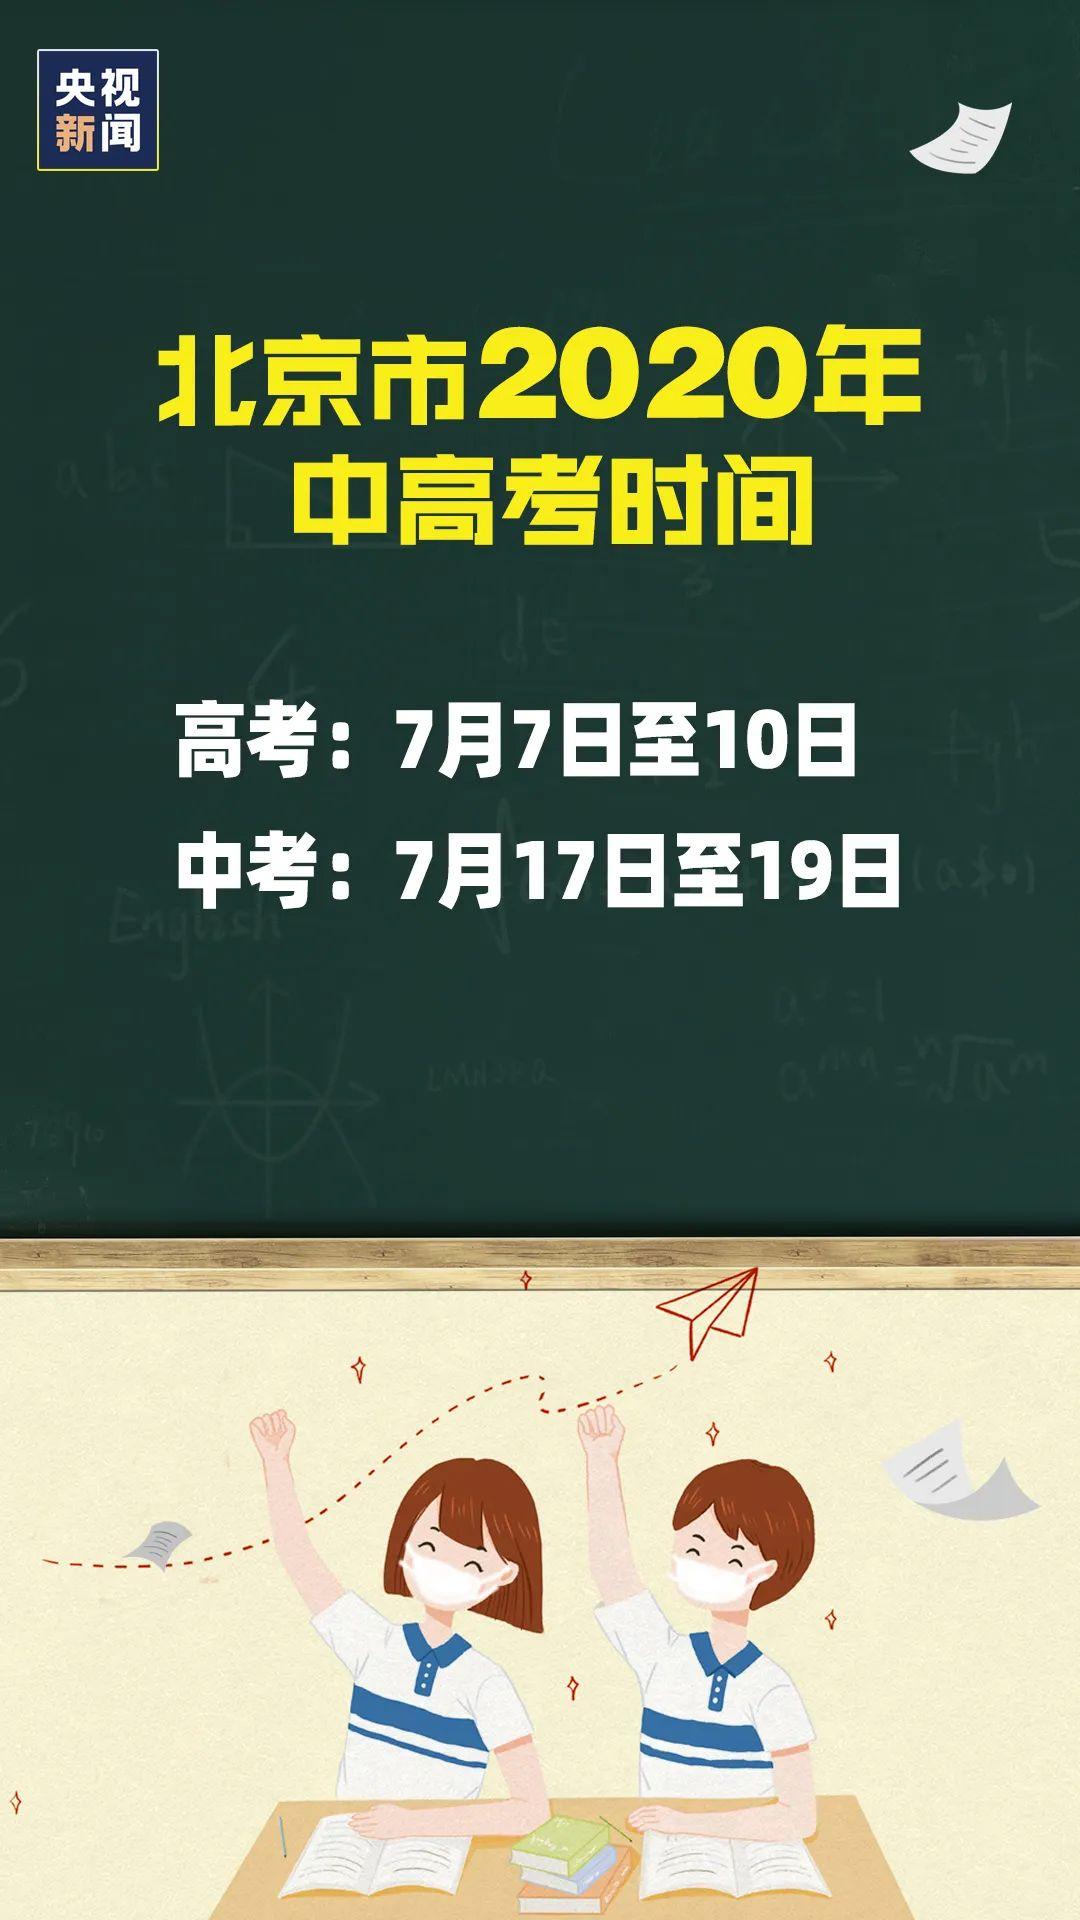 http://www.umeiwen.com/jiaoyu/1792541.html